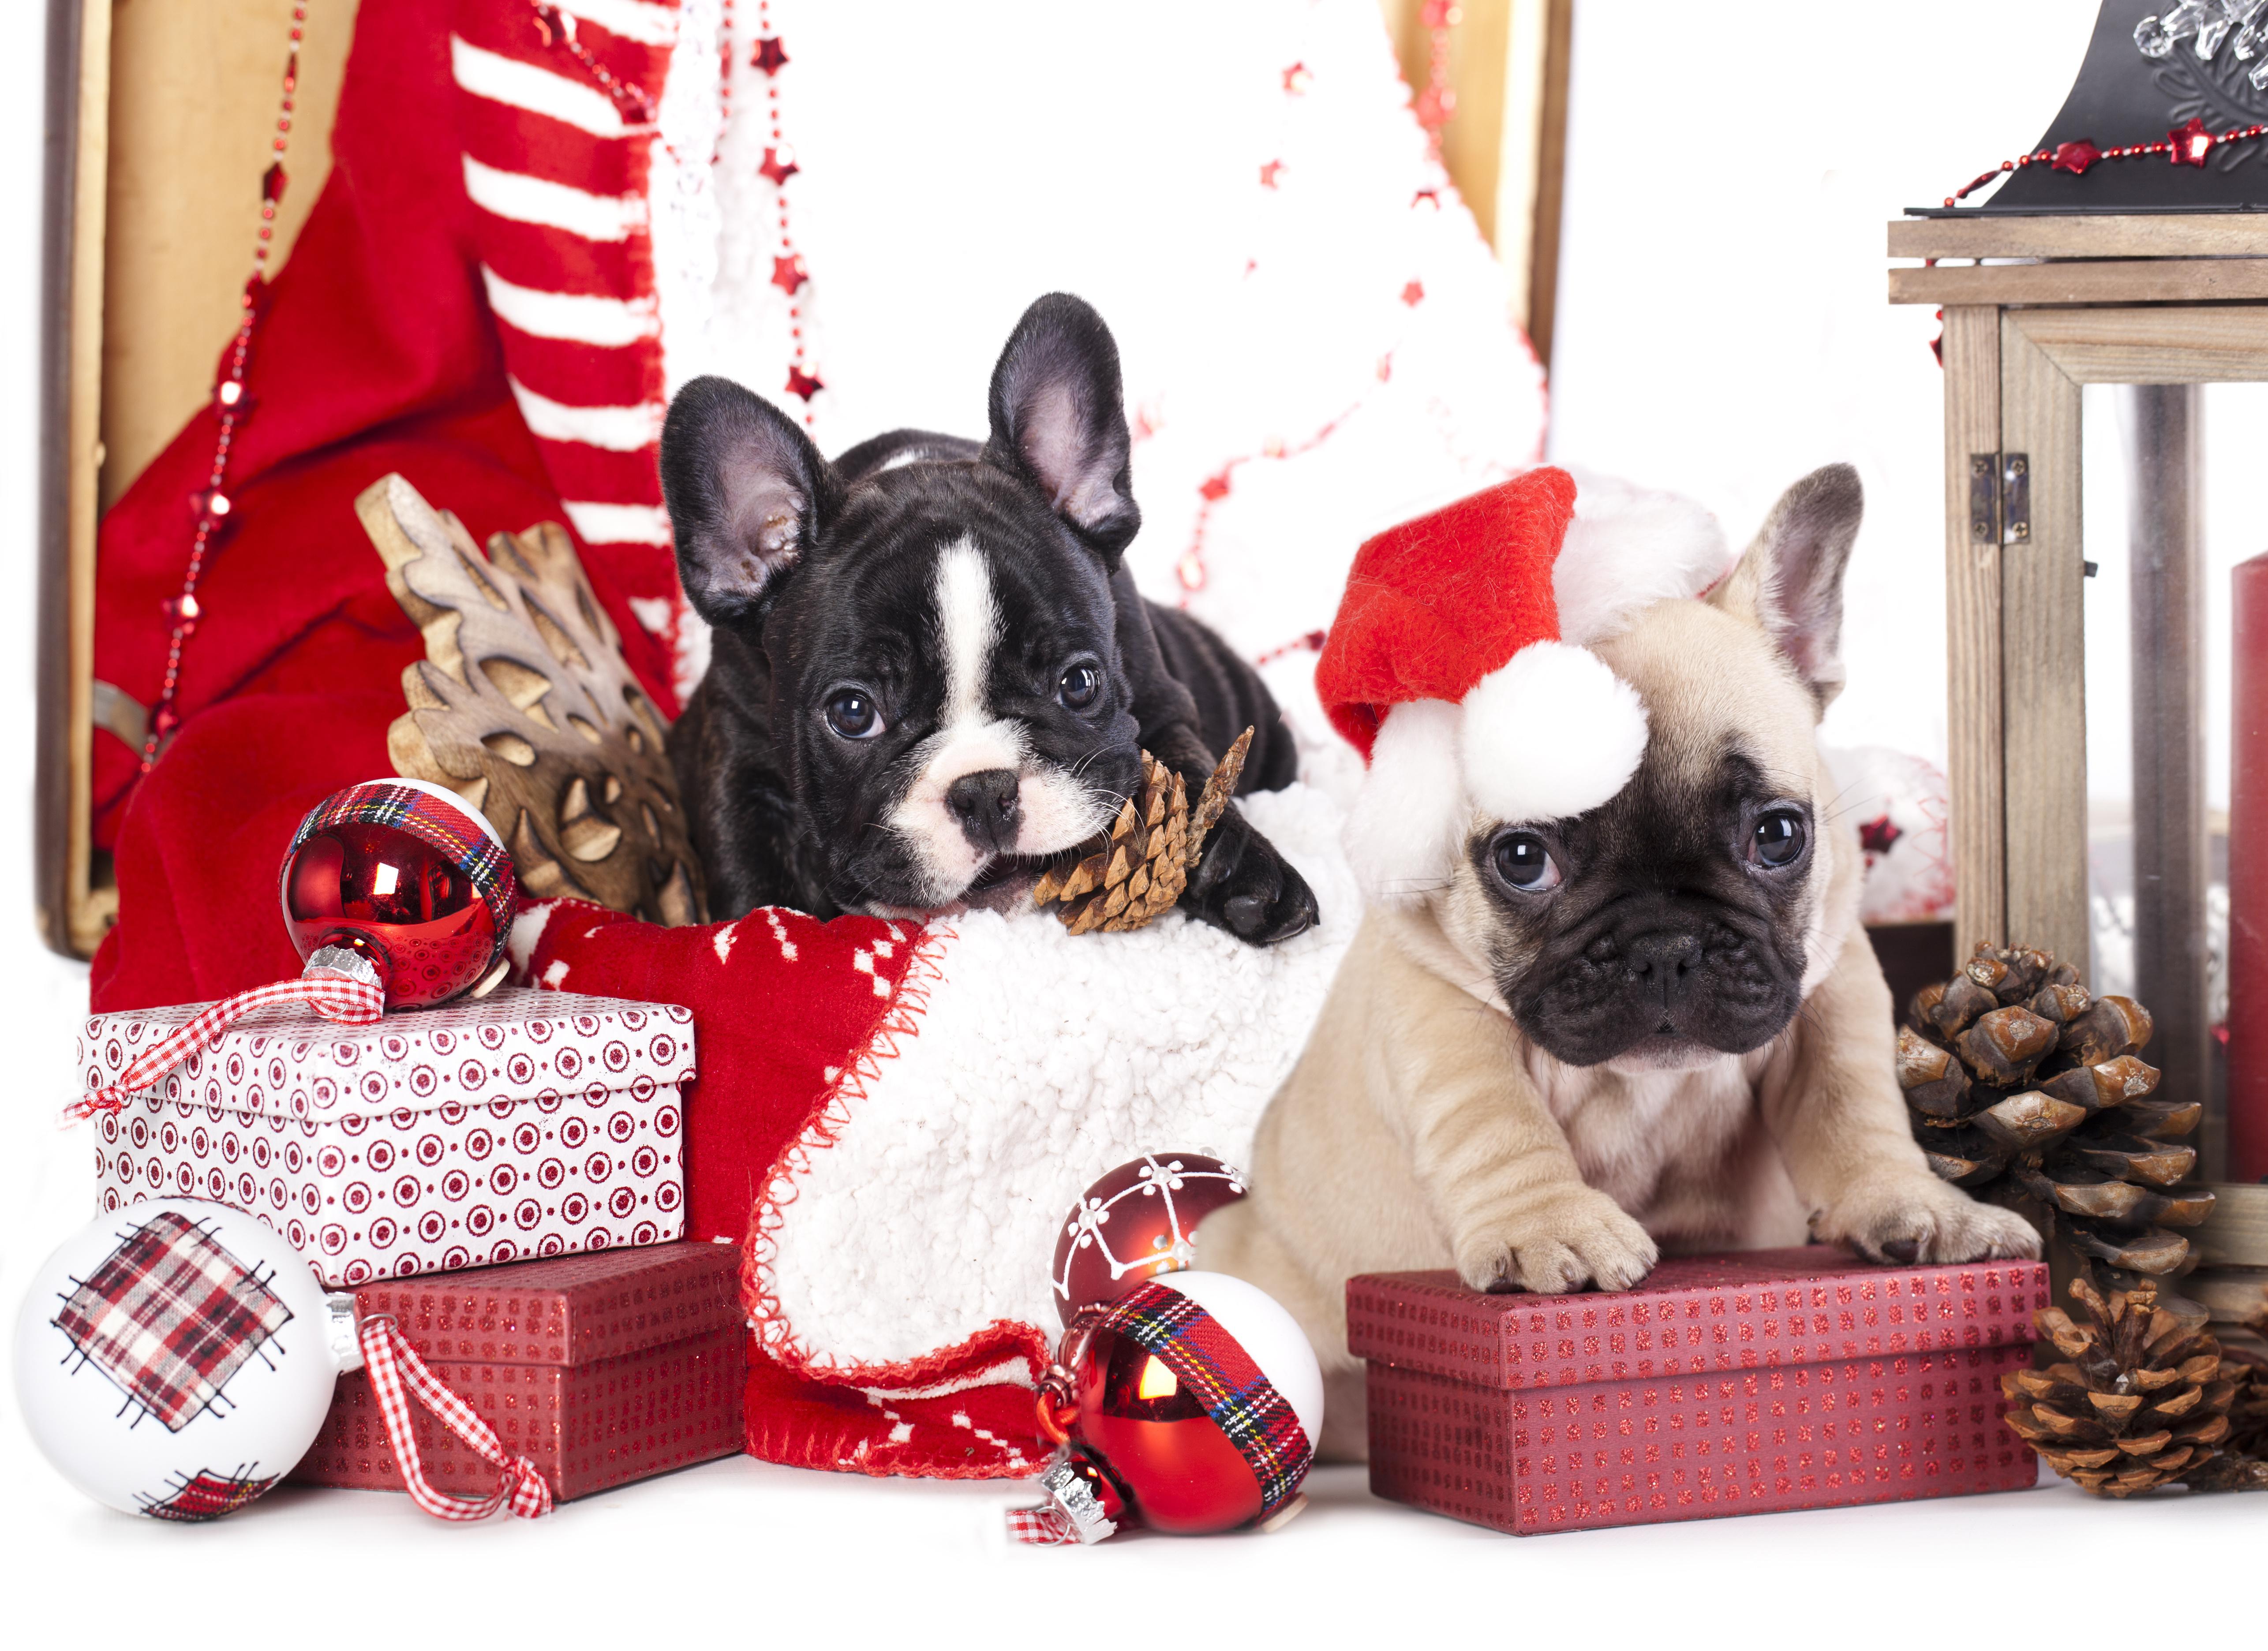 собачка в новогодней шапочке  № 1301970 бесплатно